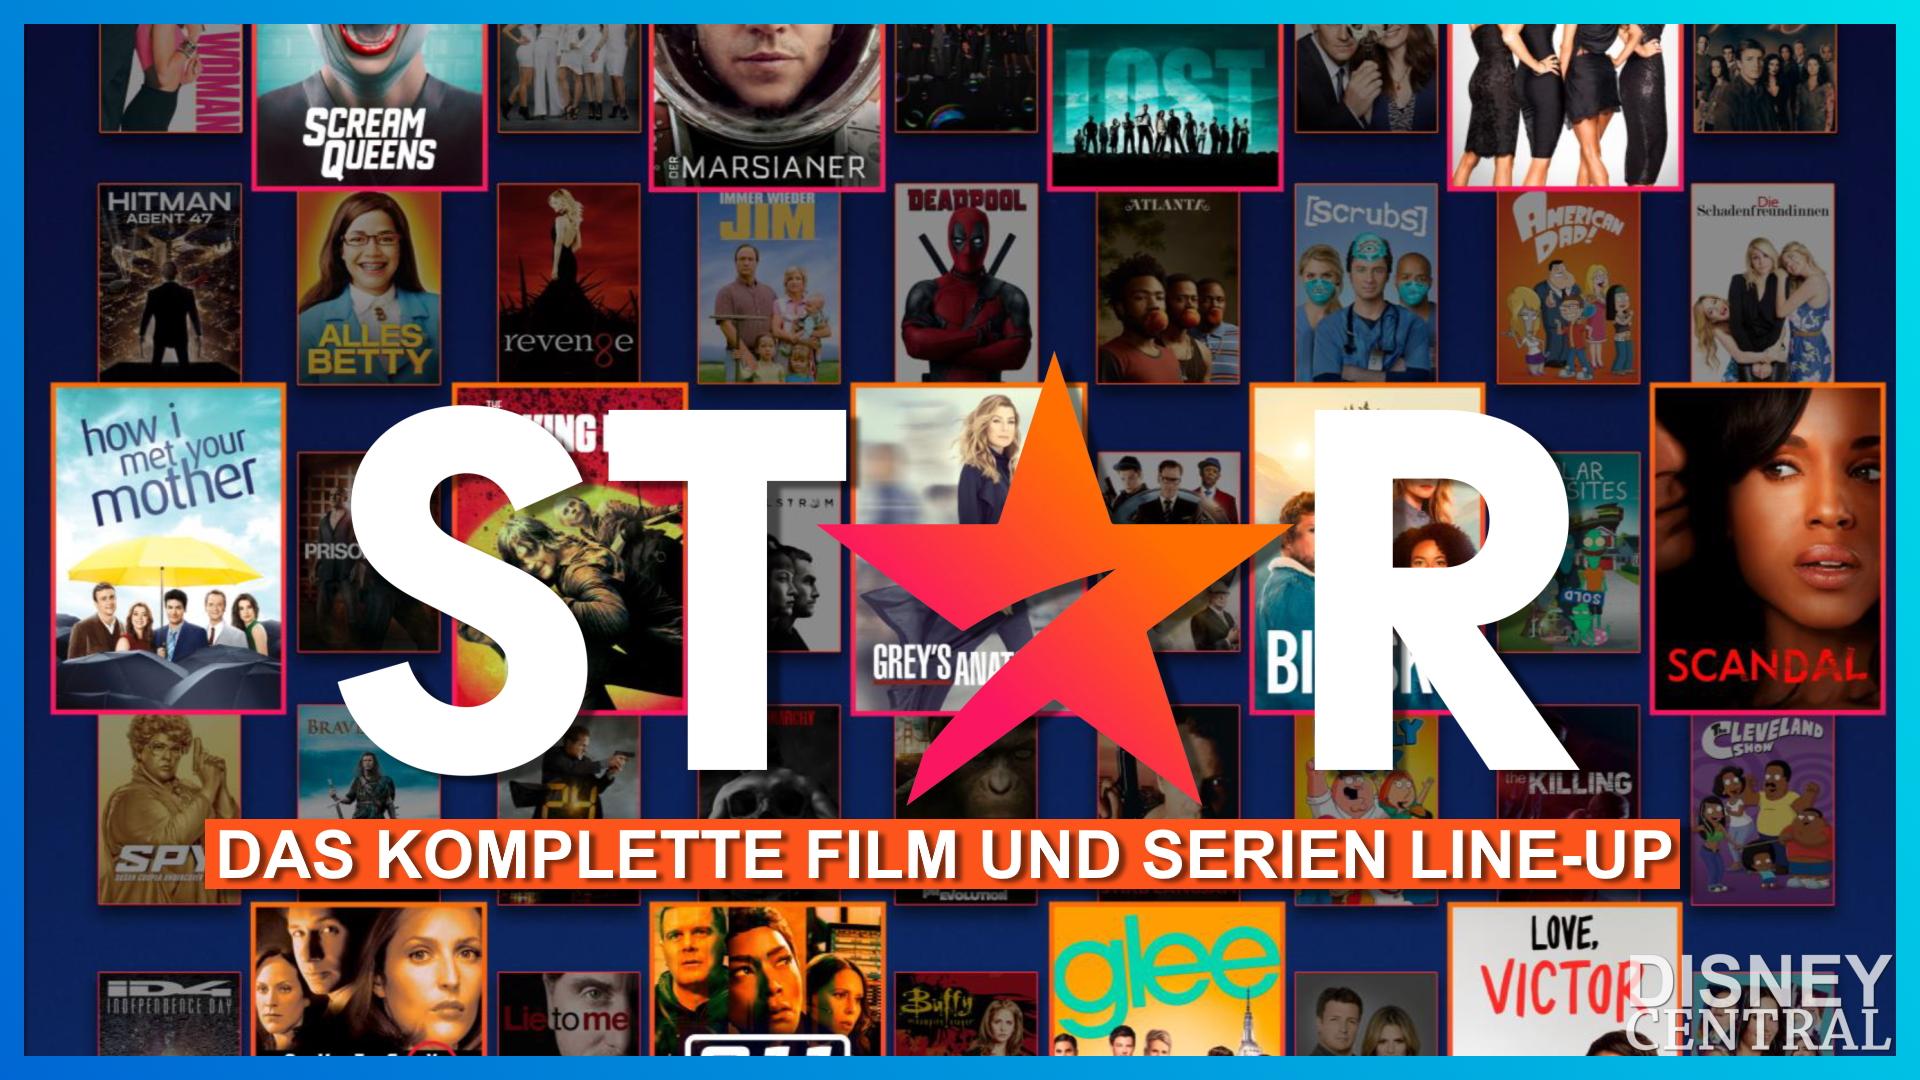 Alle Star Serien und Filme bei Disney+